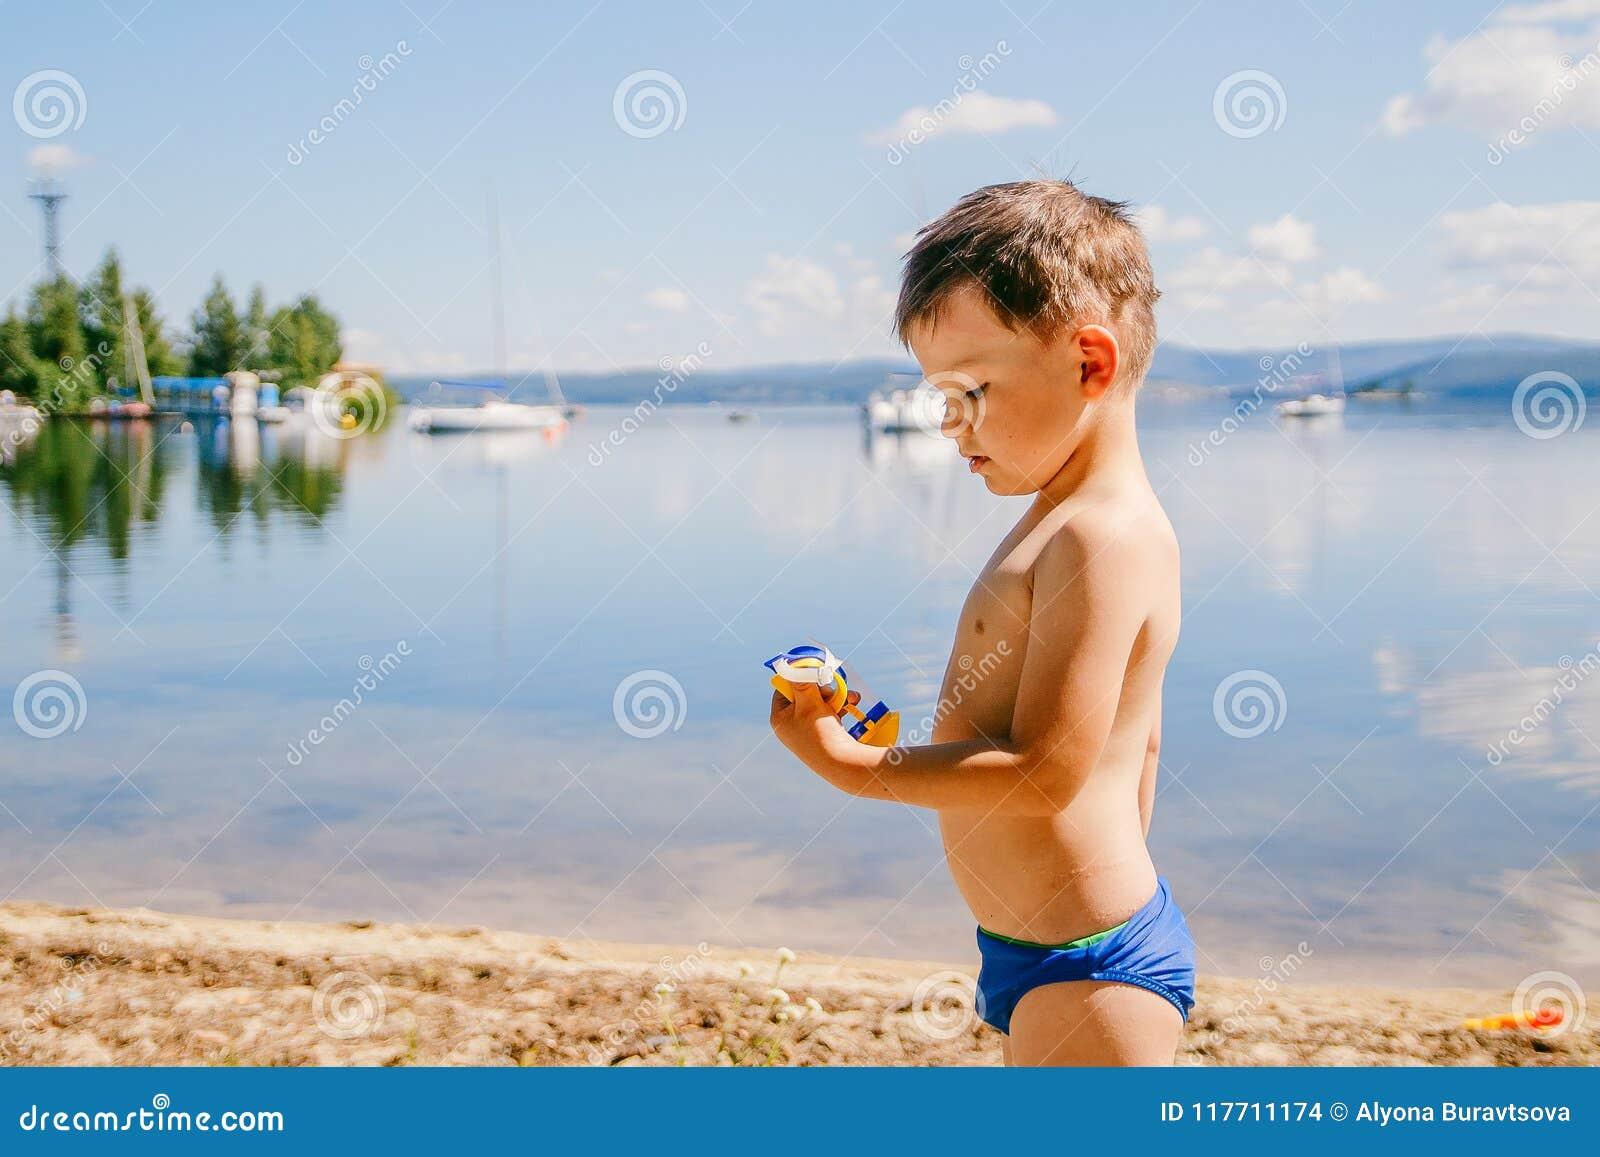 O menino bronzeado de três anos em troncos de natação joga no lago no verão, férias de verão, infância